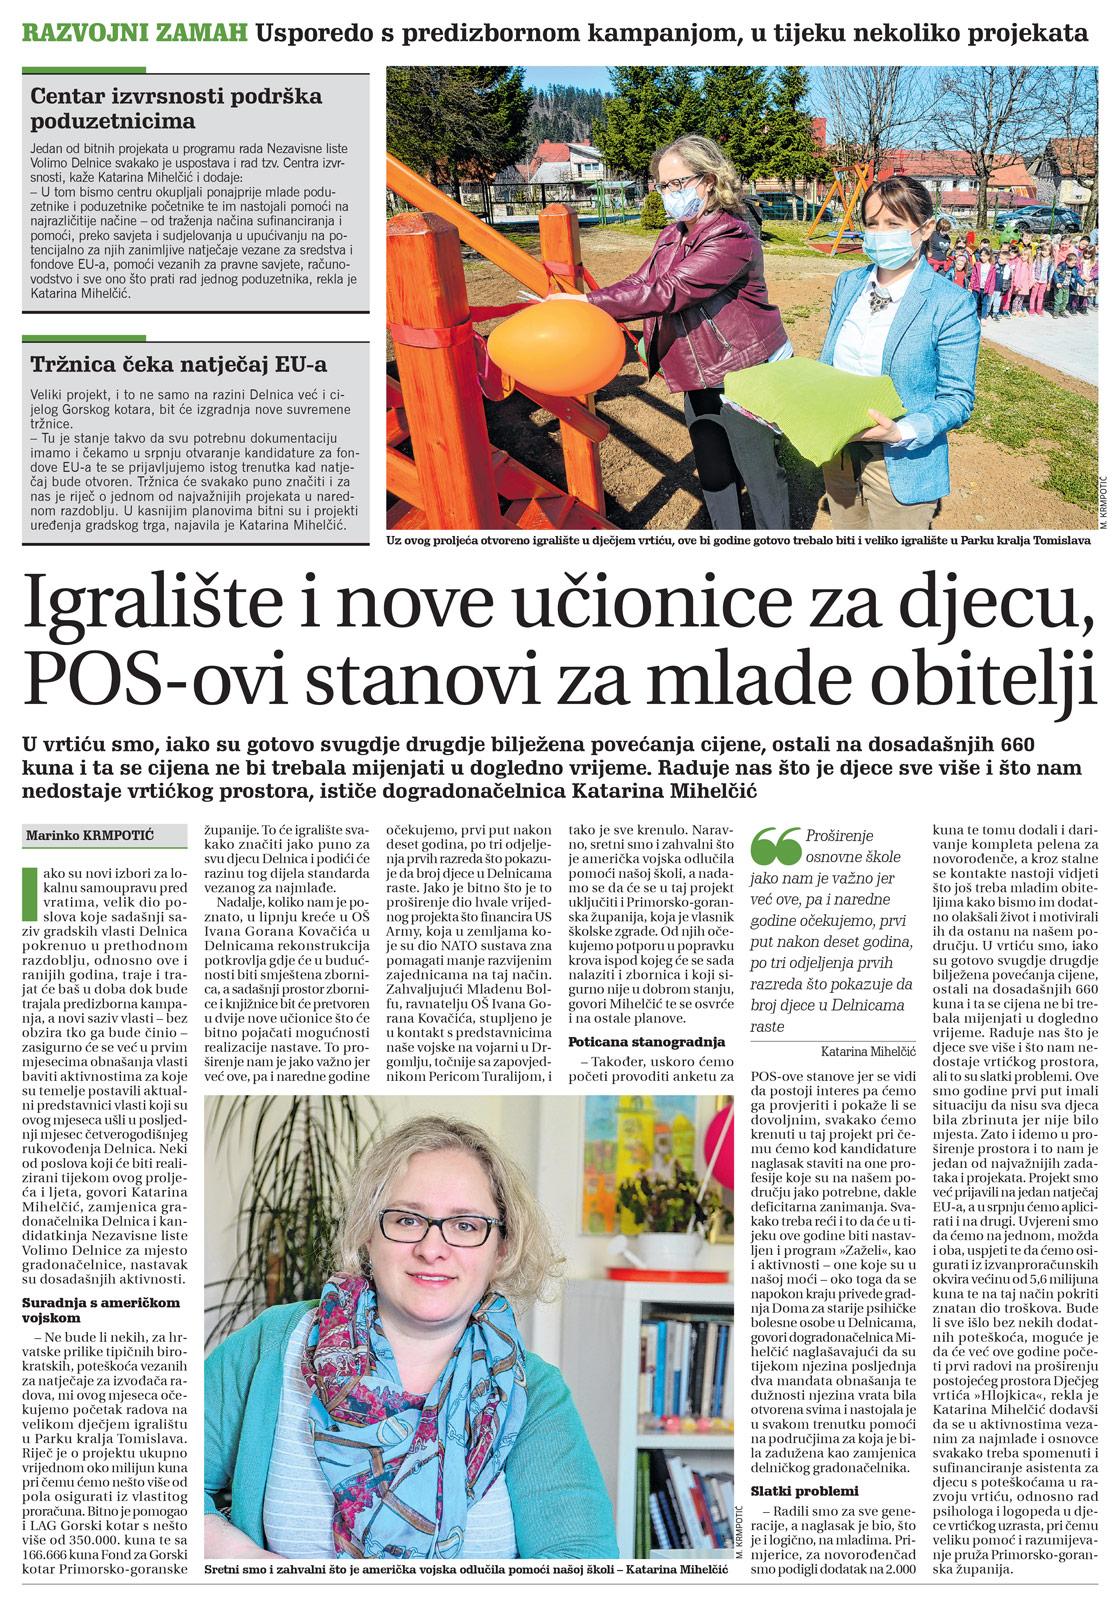 članak, goranski novi list, katarina mihelčić